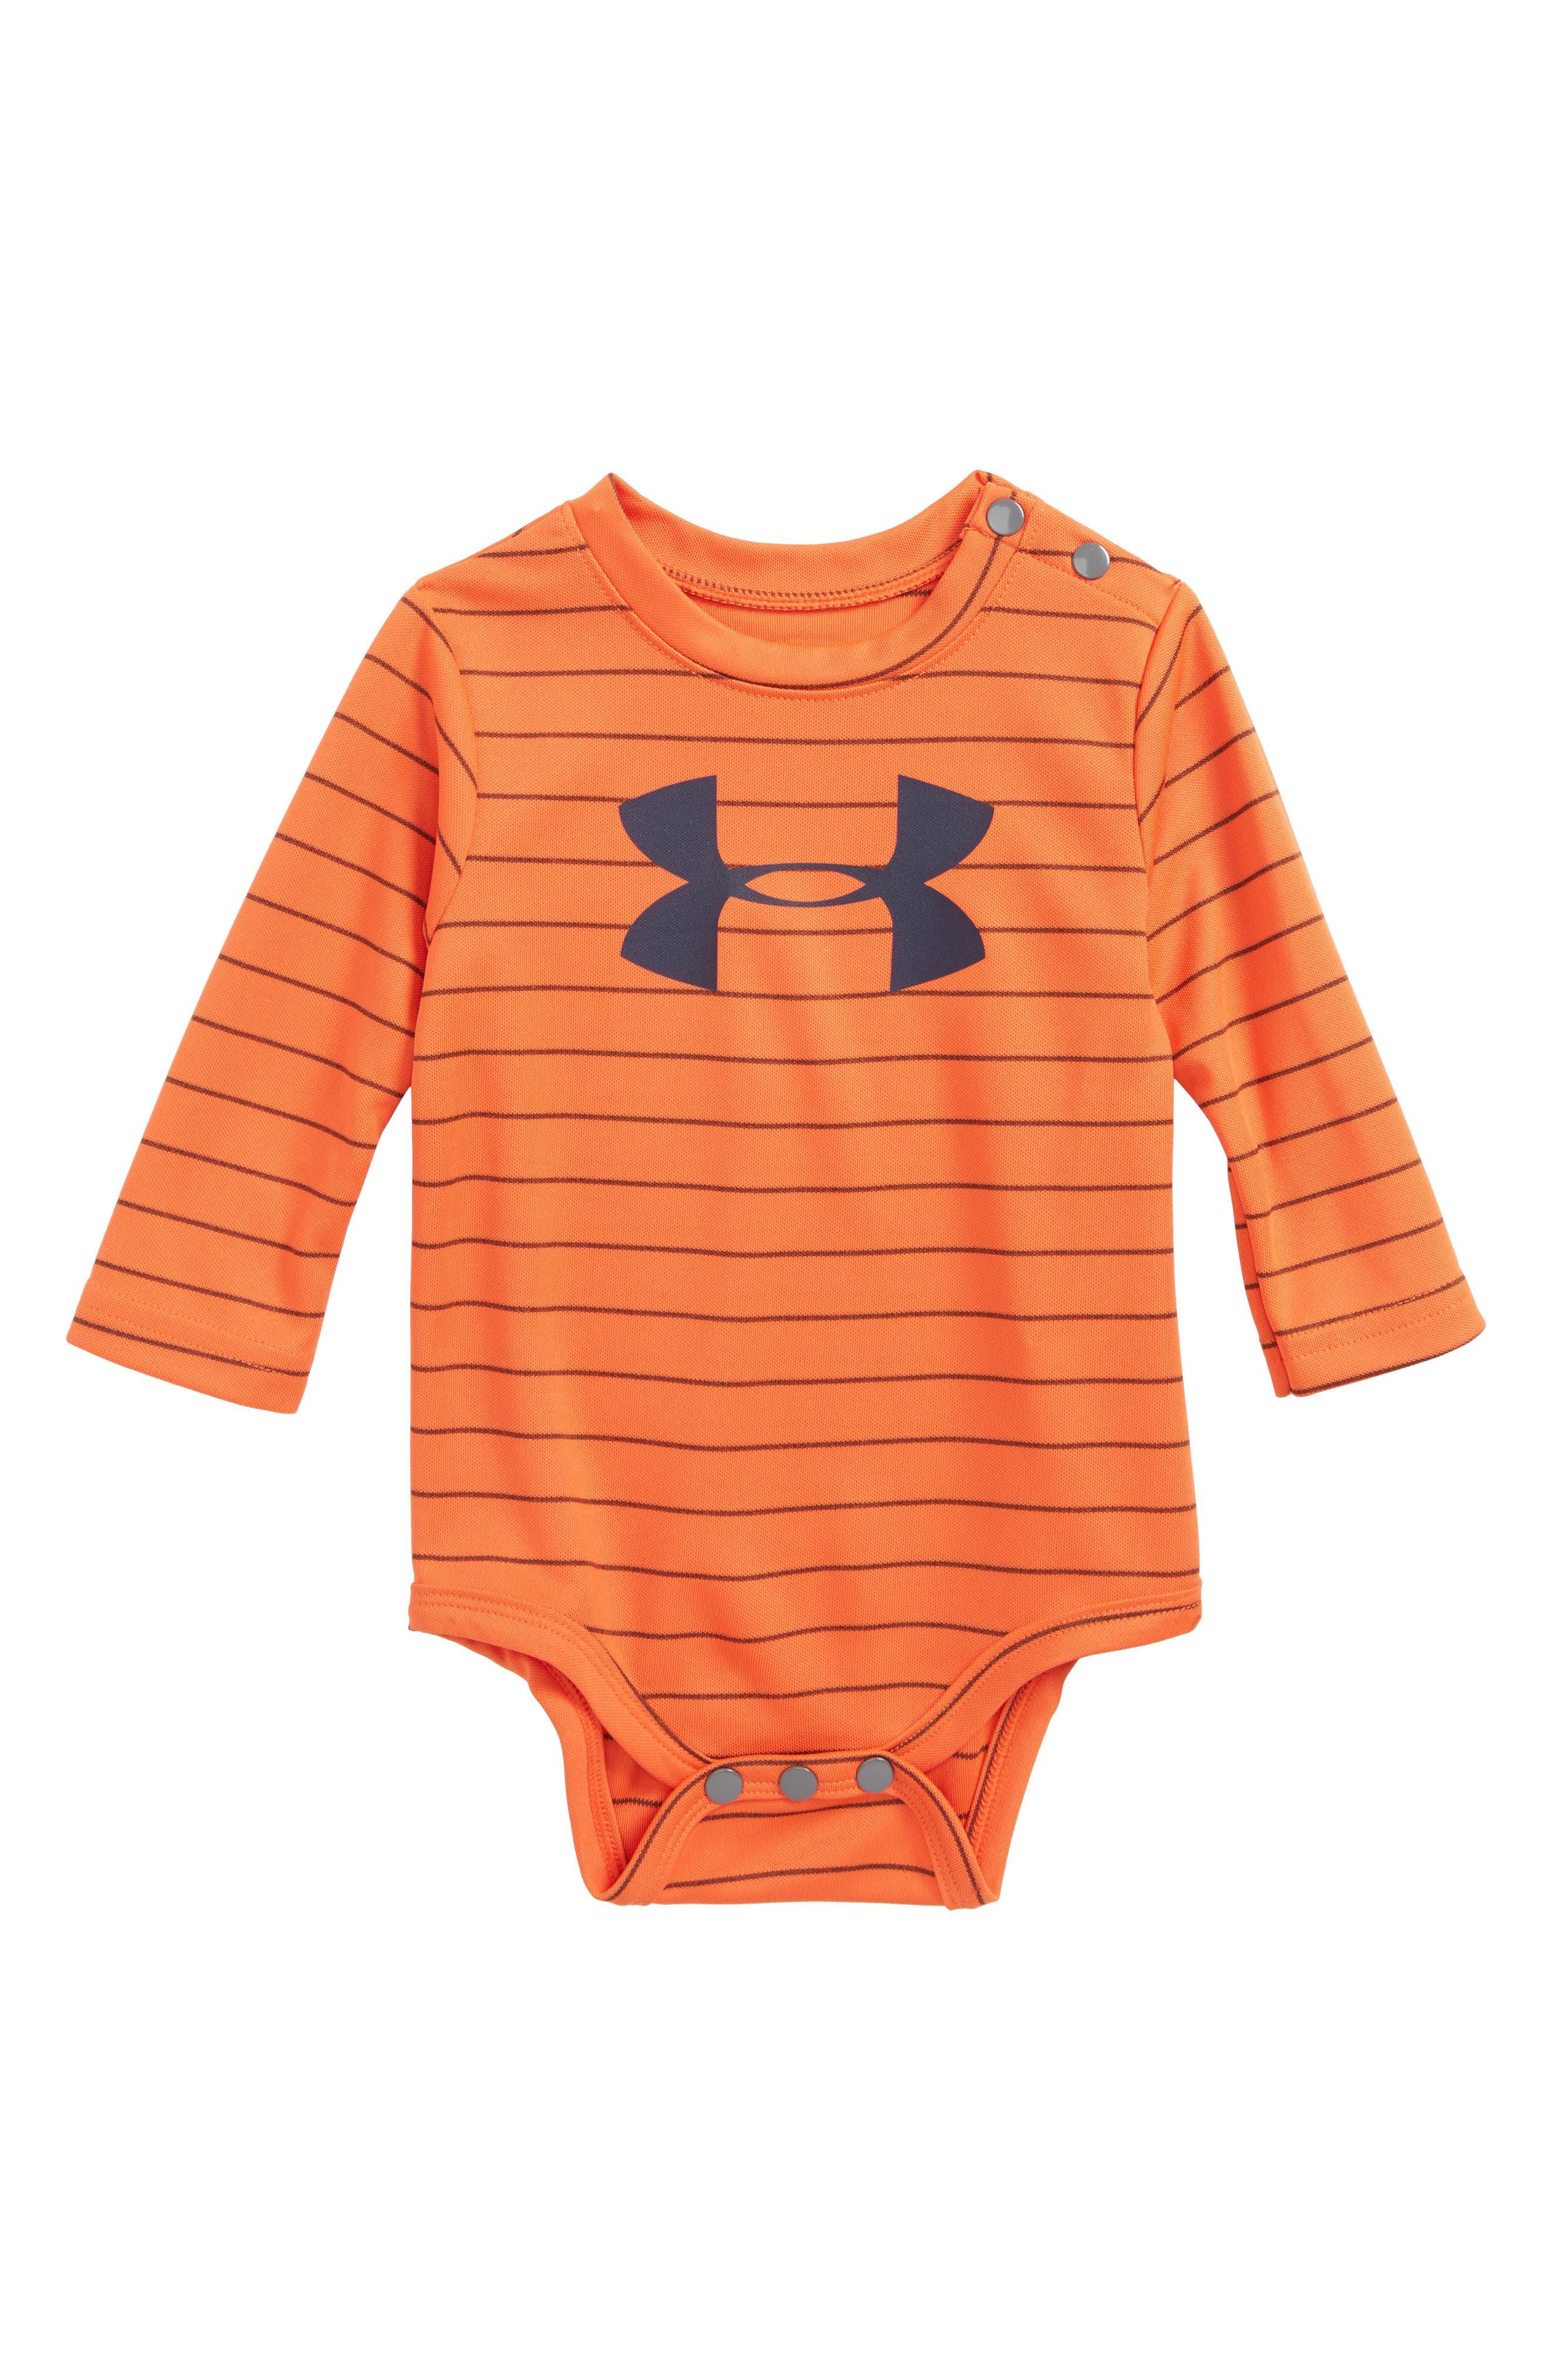 Under Armour Big Logo Stripe Bodysuit (Baby Boys)